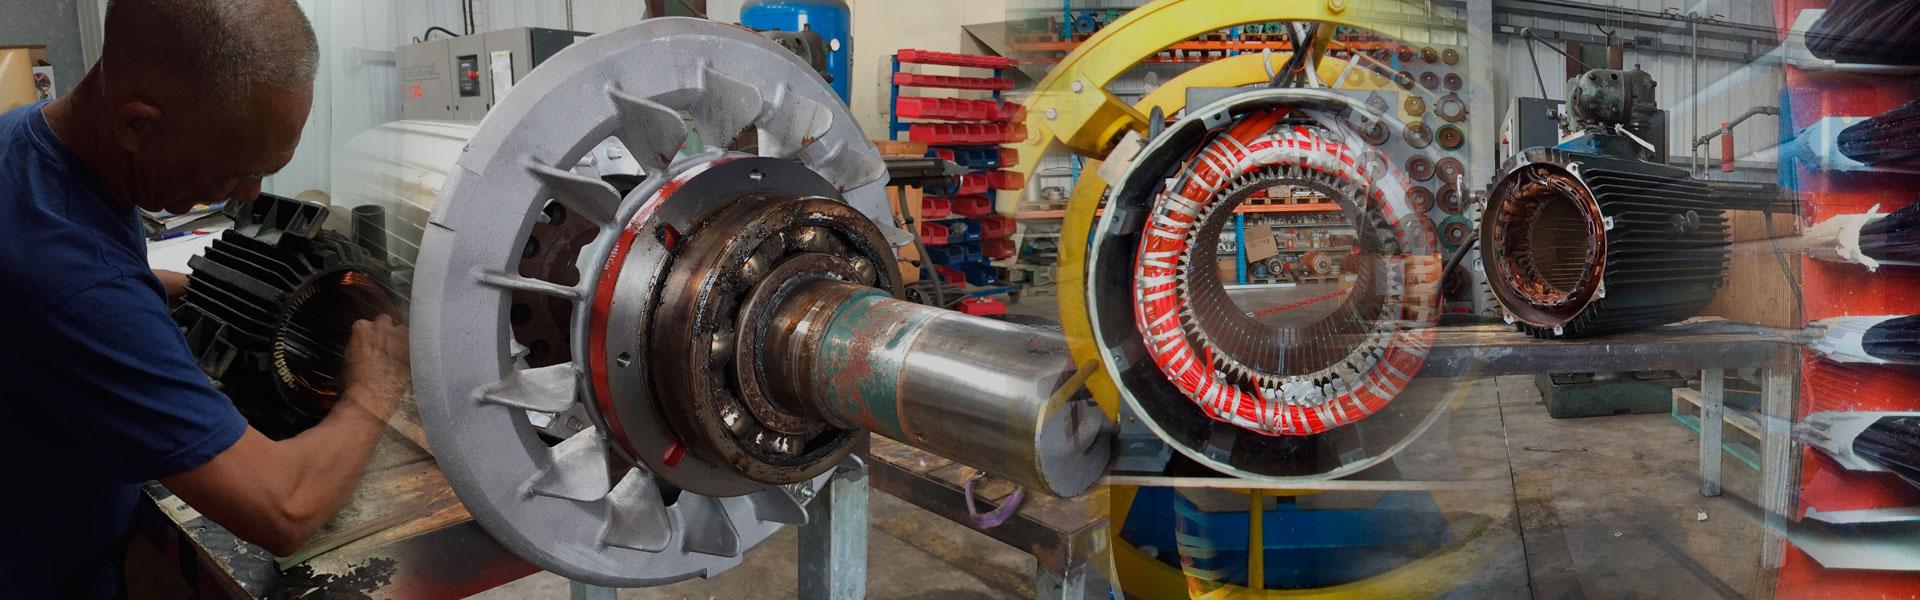 La réparation et le bobinage de vos moteurs électriques